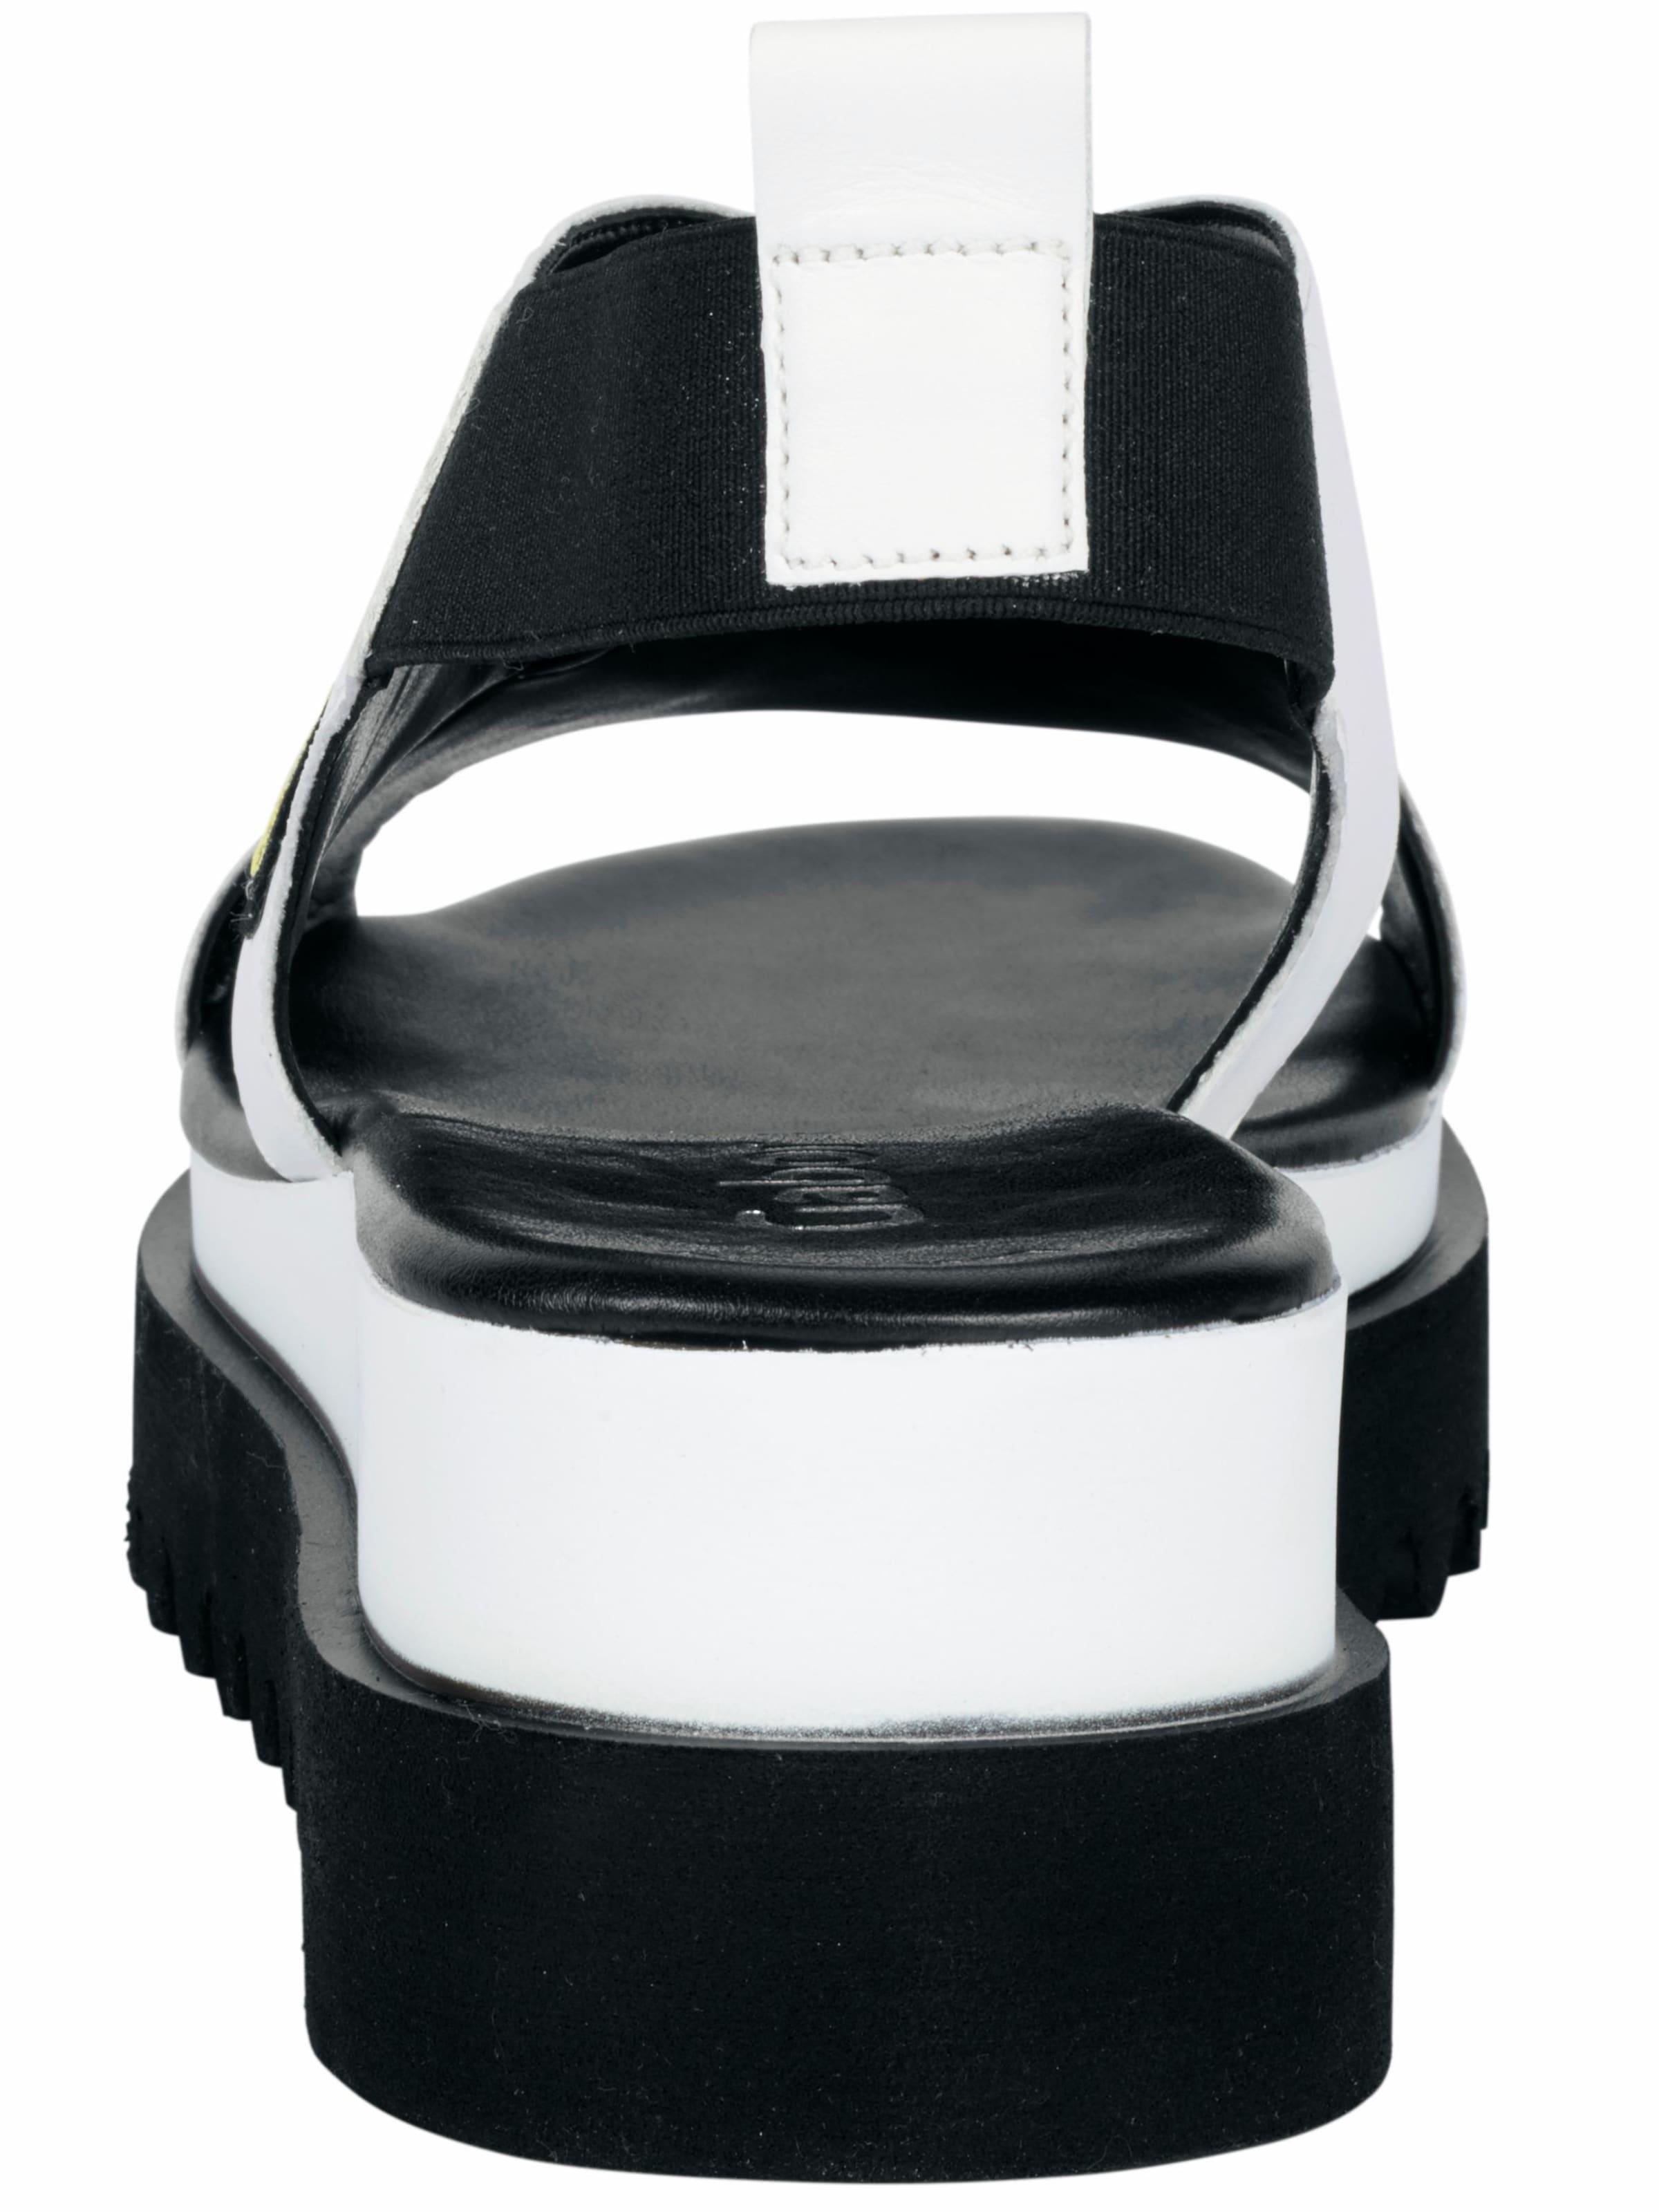 GABOR Sandalette mit Applikationen Günstige Online Verkauf Vorbestellung Outlet Factory Outlet Versorgung Verkauf Online 4DmOCw4